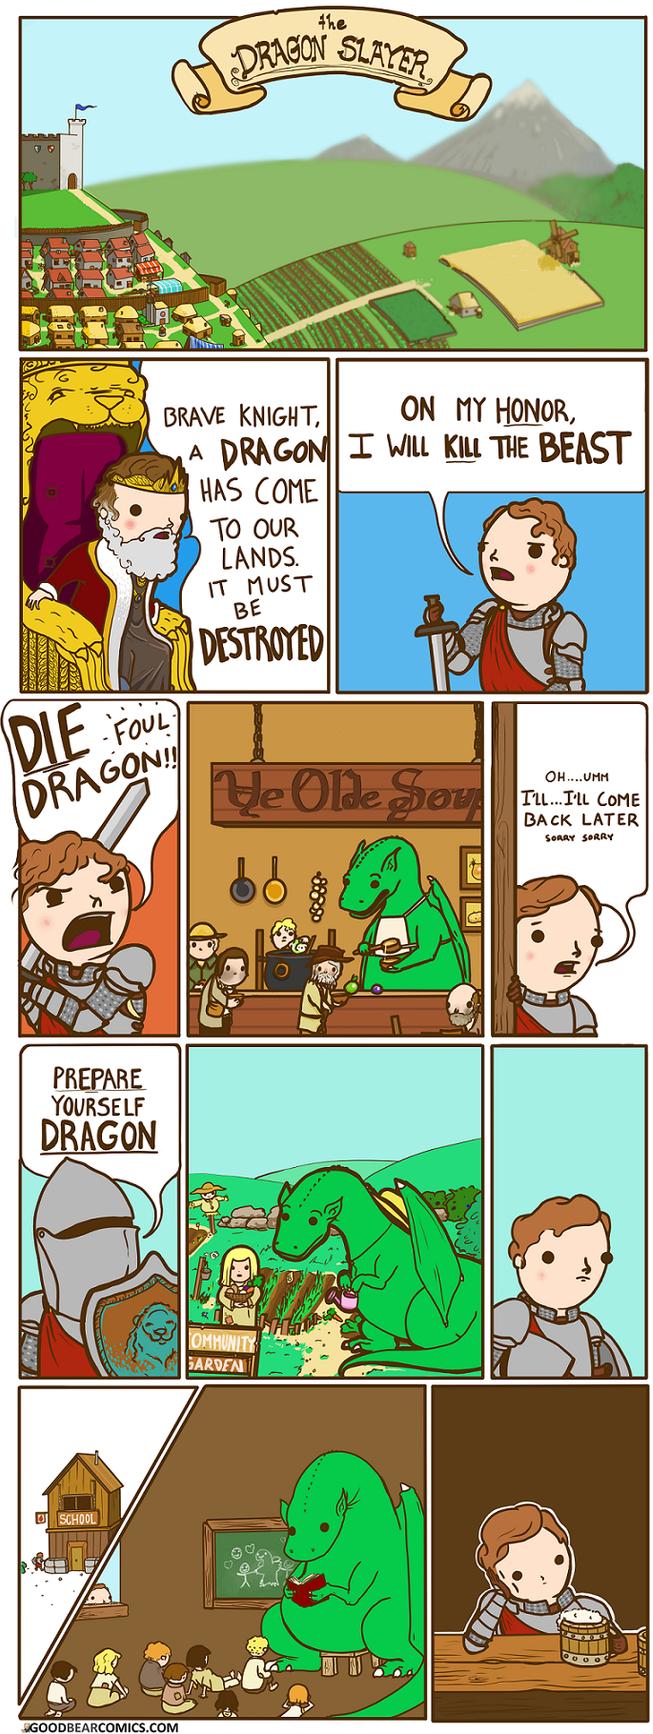 The Dragon Slayer